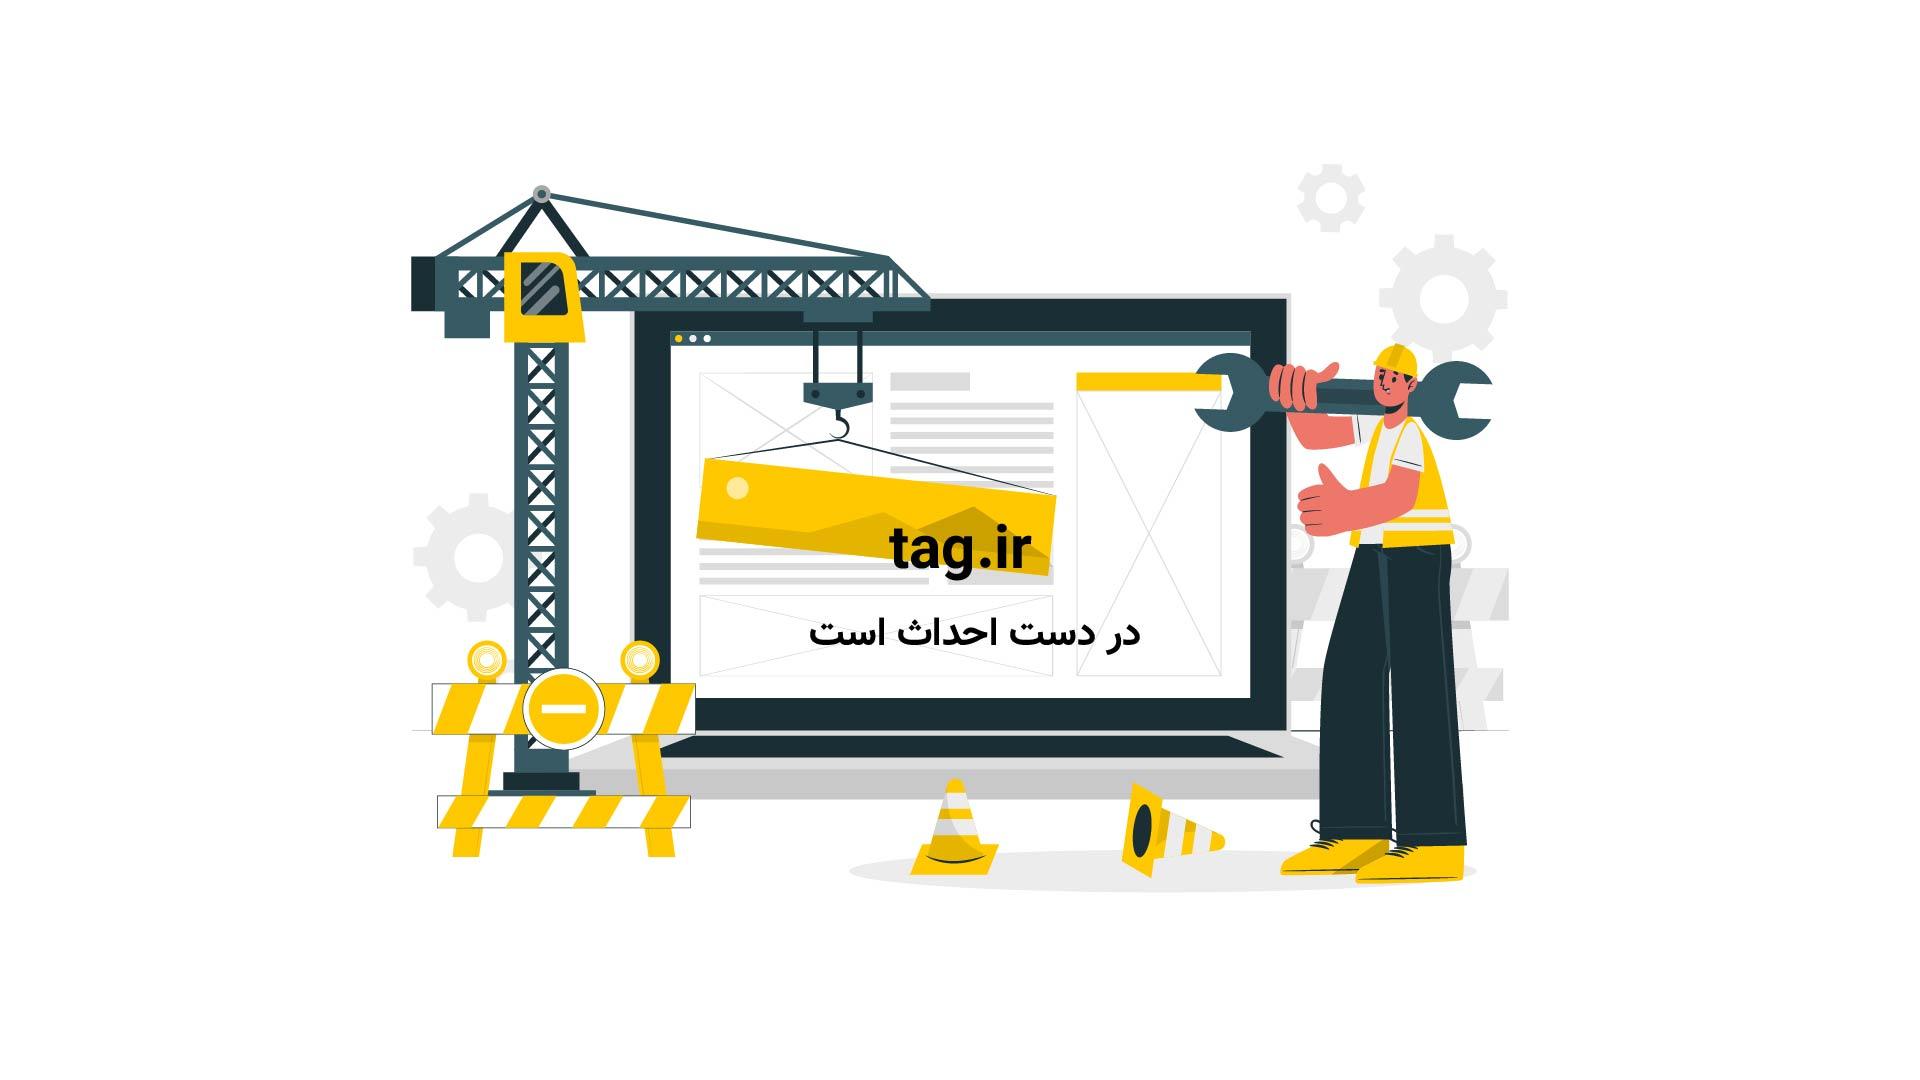 هواپیمای چوبی | تگ